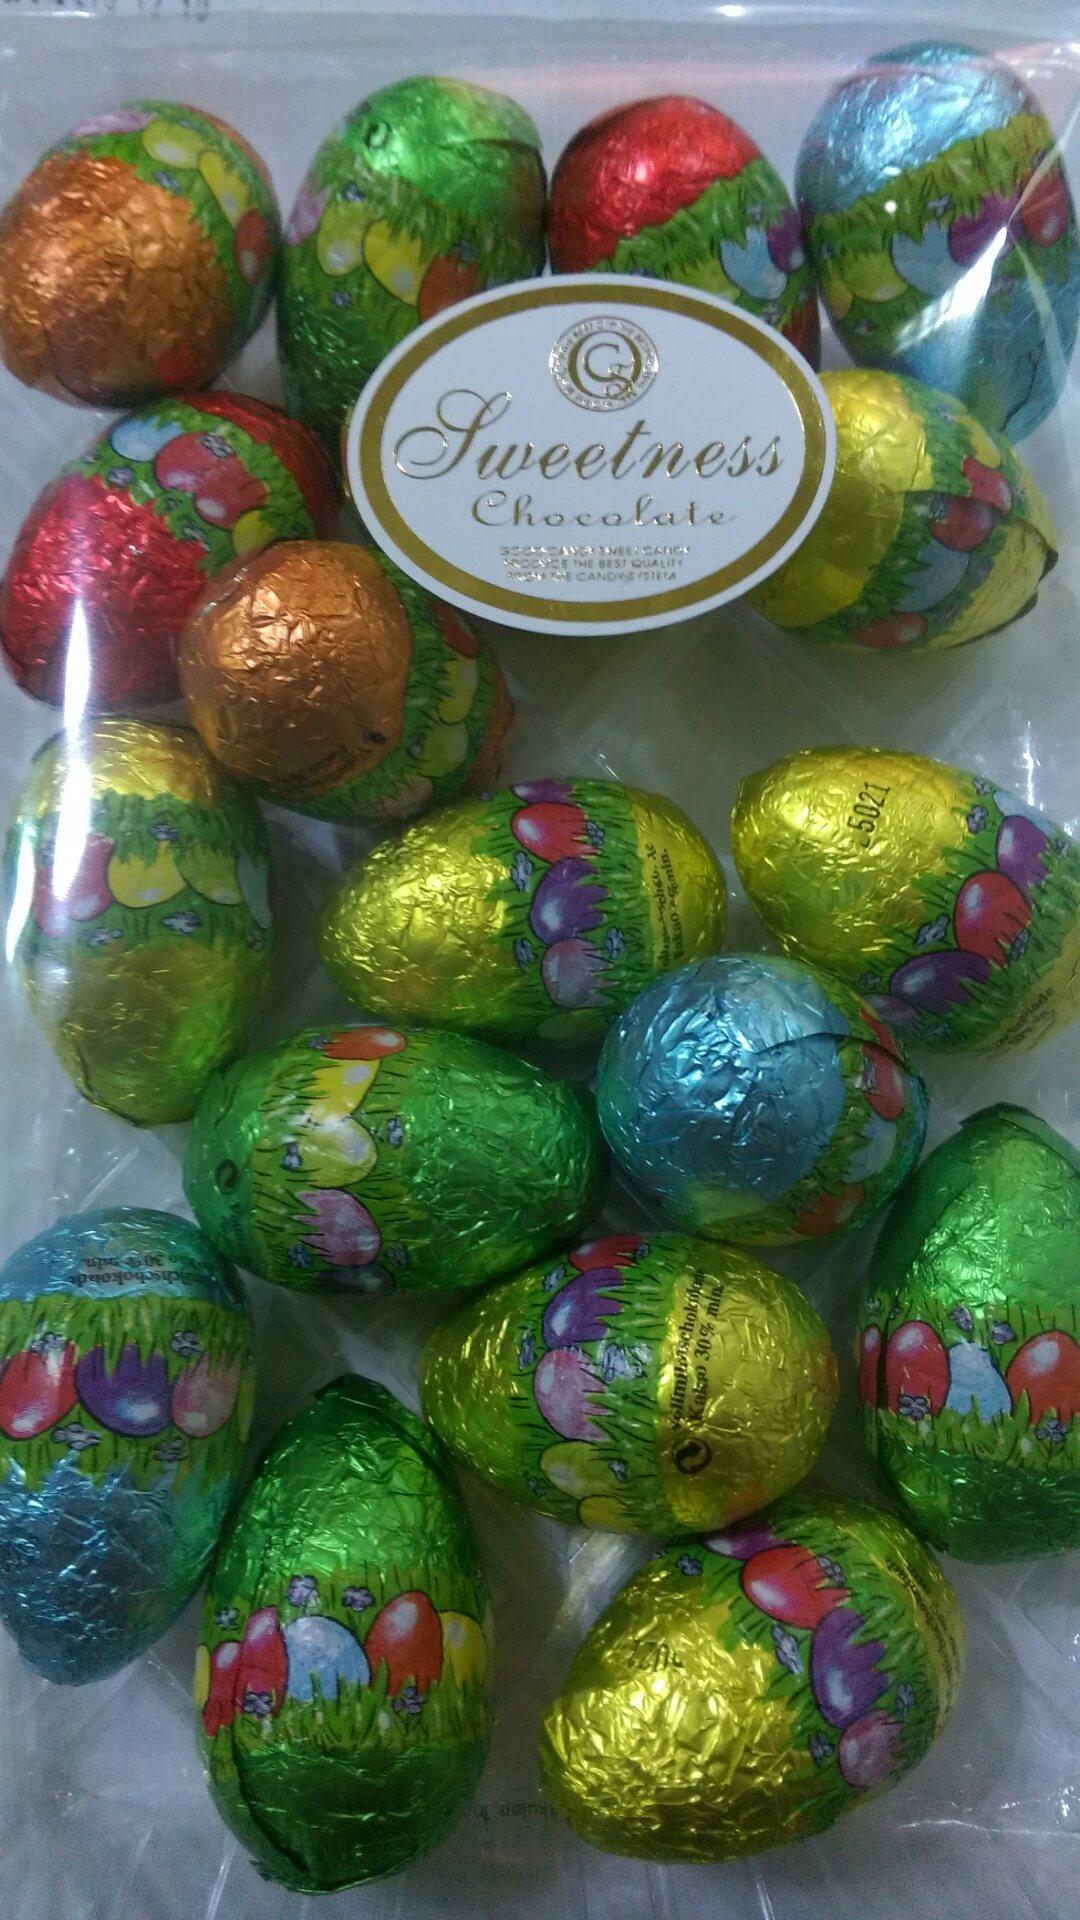 有樂町進口食品 德國 幸運蛋巧克力 可利特牛奶巧克力蛋 270g  4715296094102 - 限時優惠好康折扣